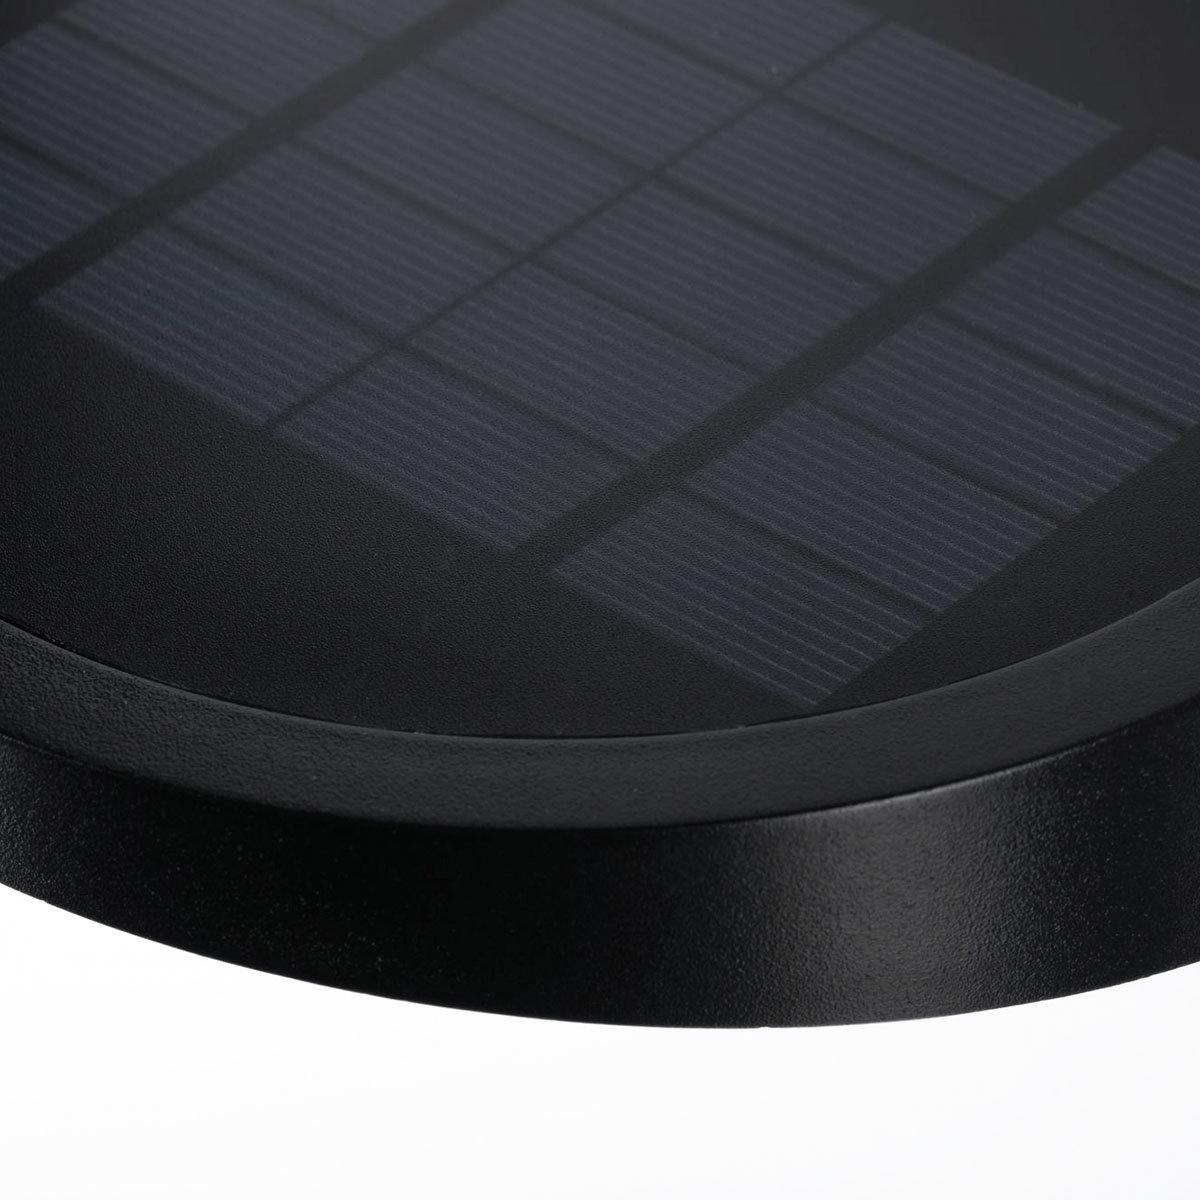 Outdoor Solar Wandleuchte Ryse, 3000K 145lm IP44 Bewegungsmelder, anthrazit | #6